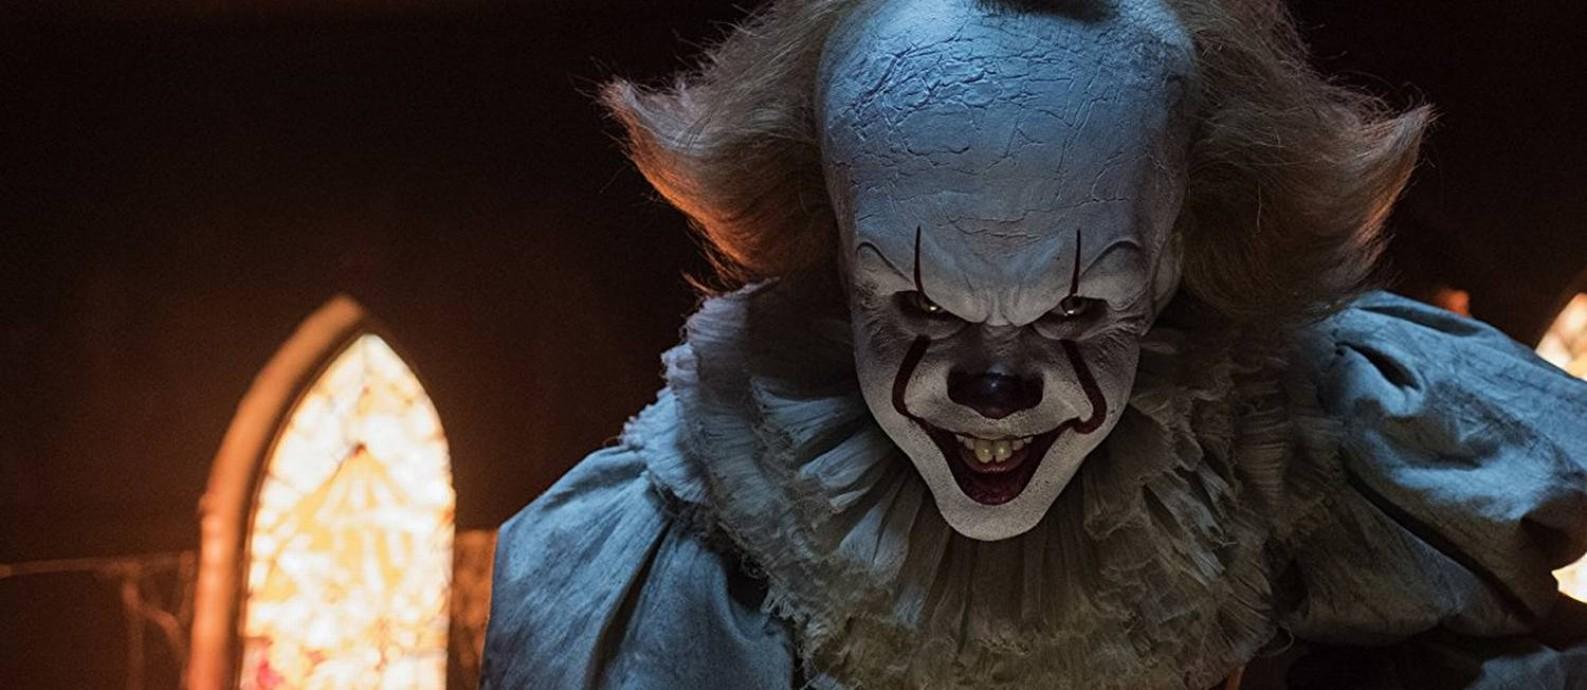 O ator sueco Bill Skarsgård como o palhaço macabro Pennywise, de 'It: A coisa' Foto: Divulgação